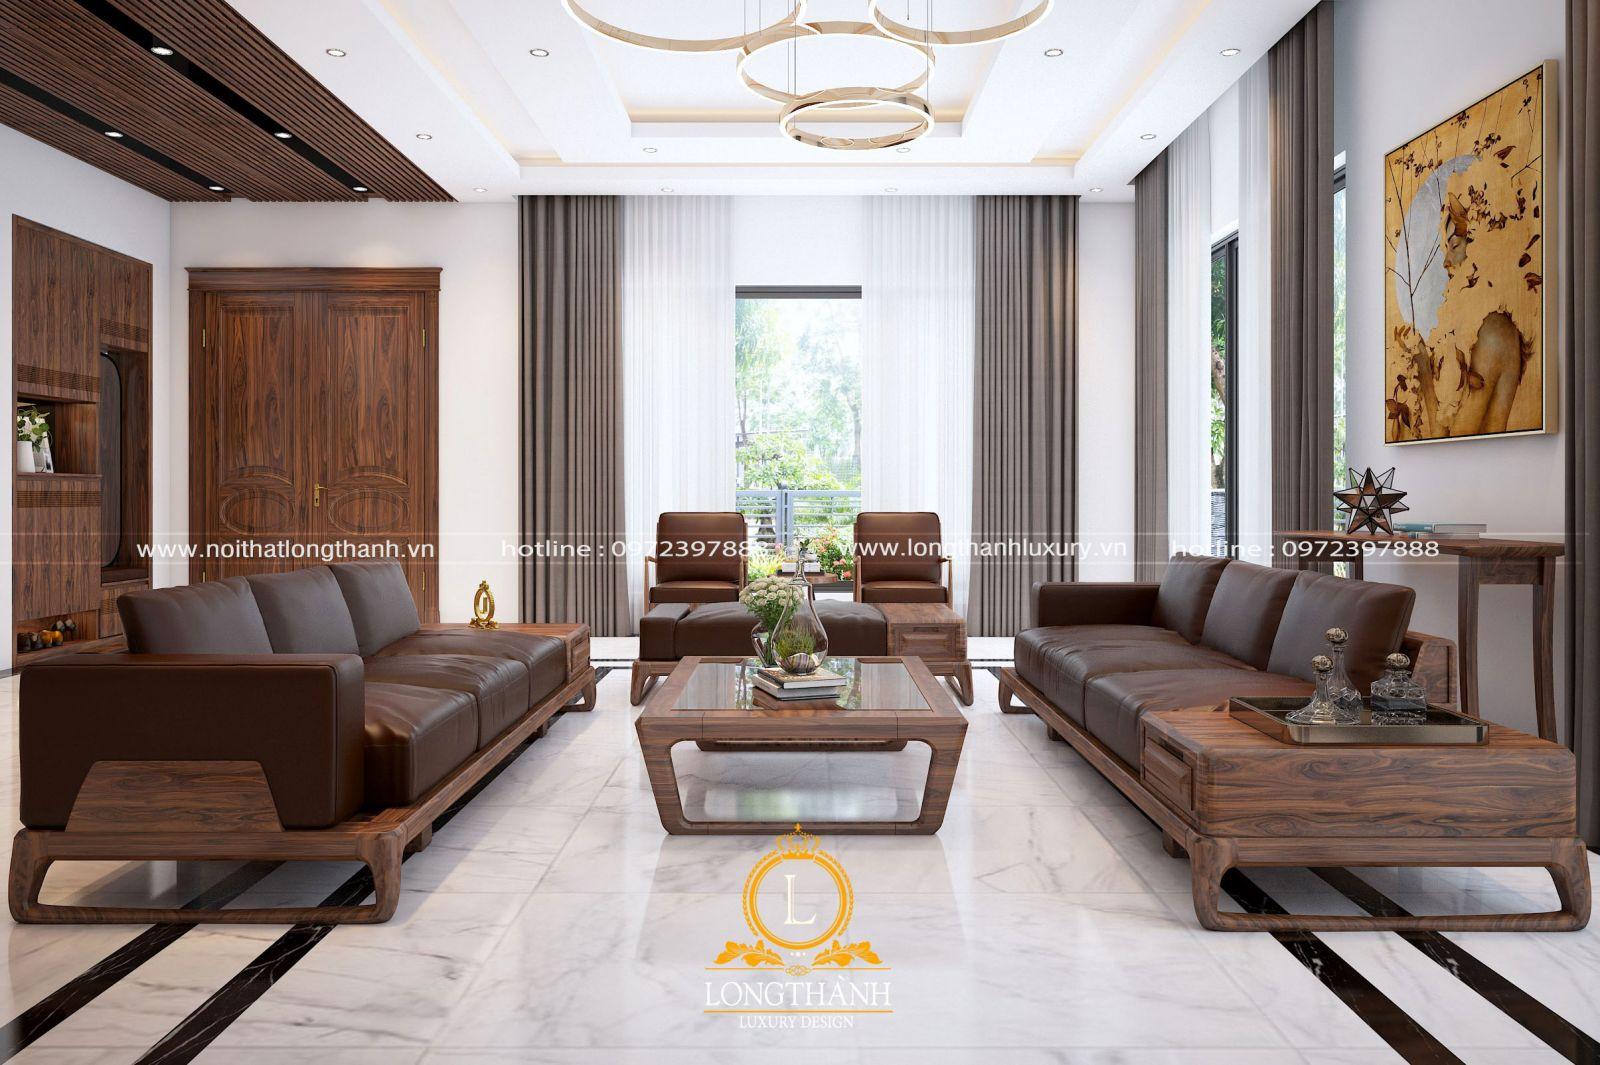 Mẫu sofa hiện đại cho phòng khách biệt thự